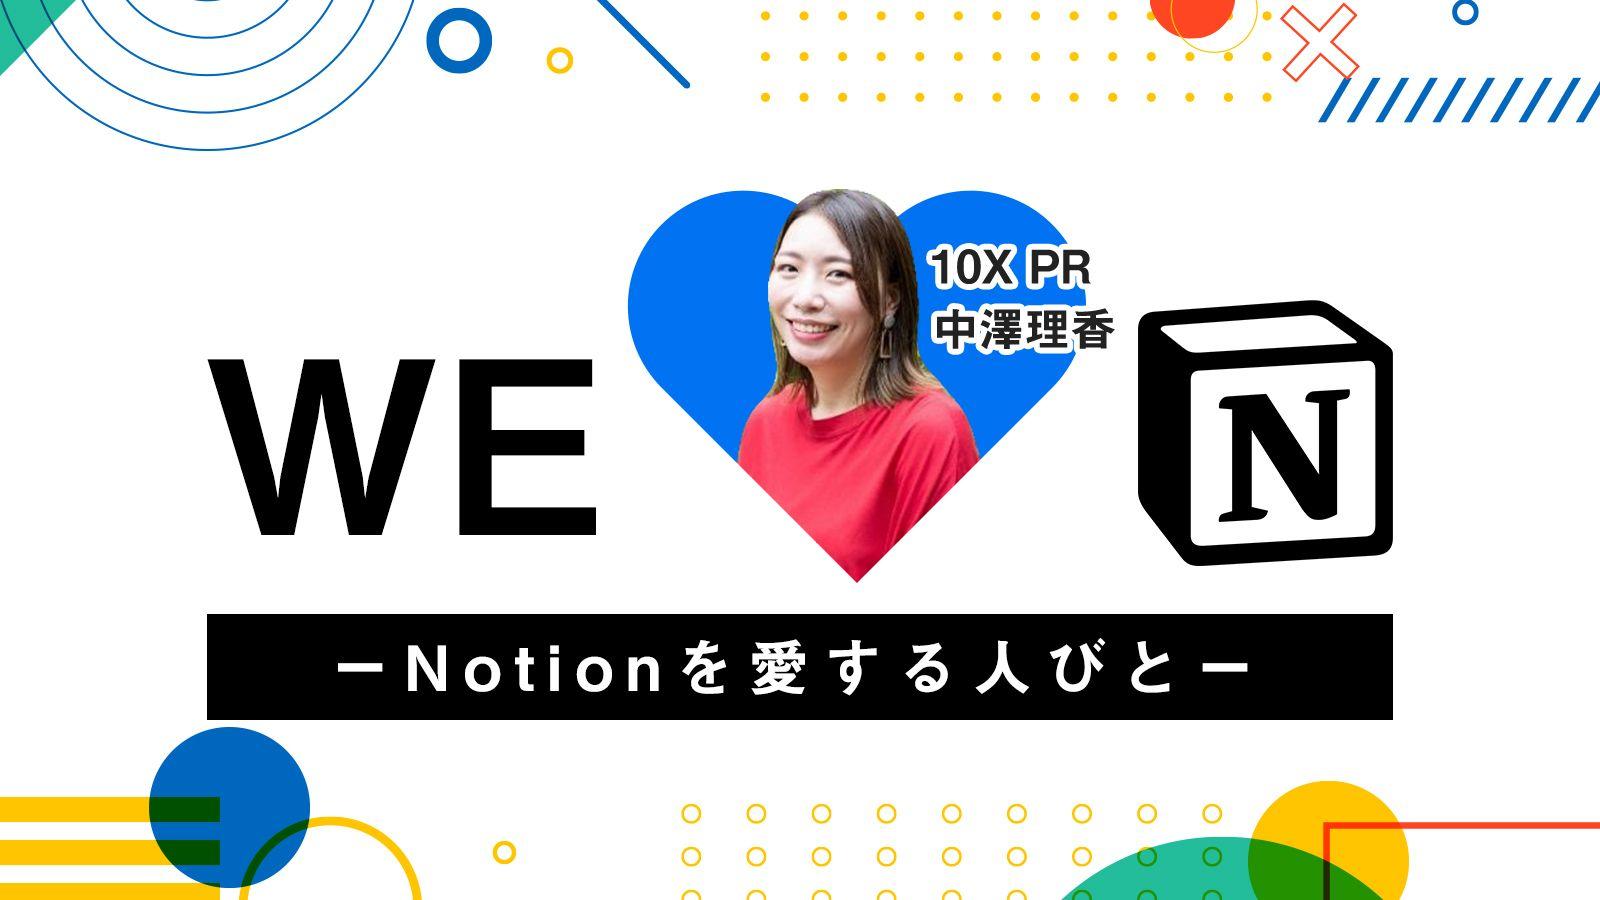 Notionをチームで使う! 「10X」でのNotion活用法